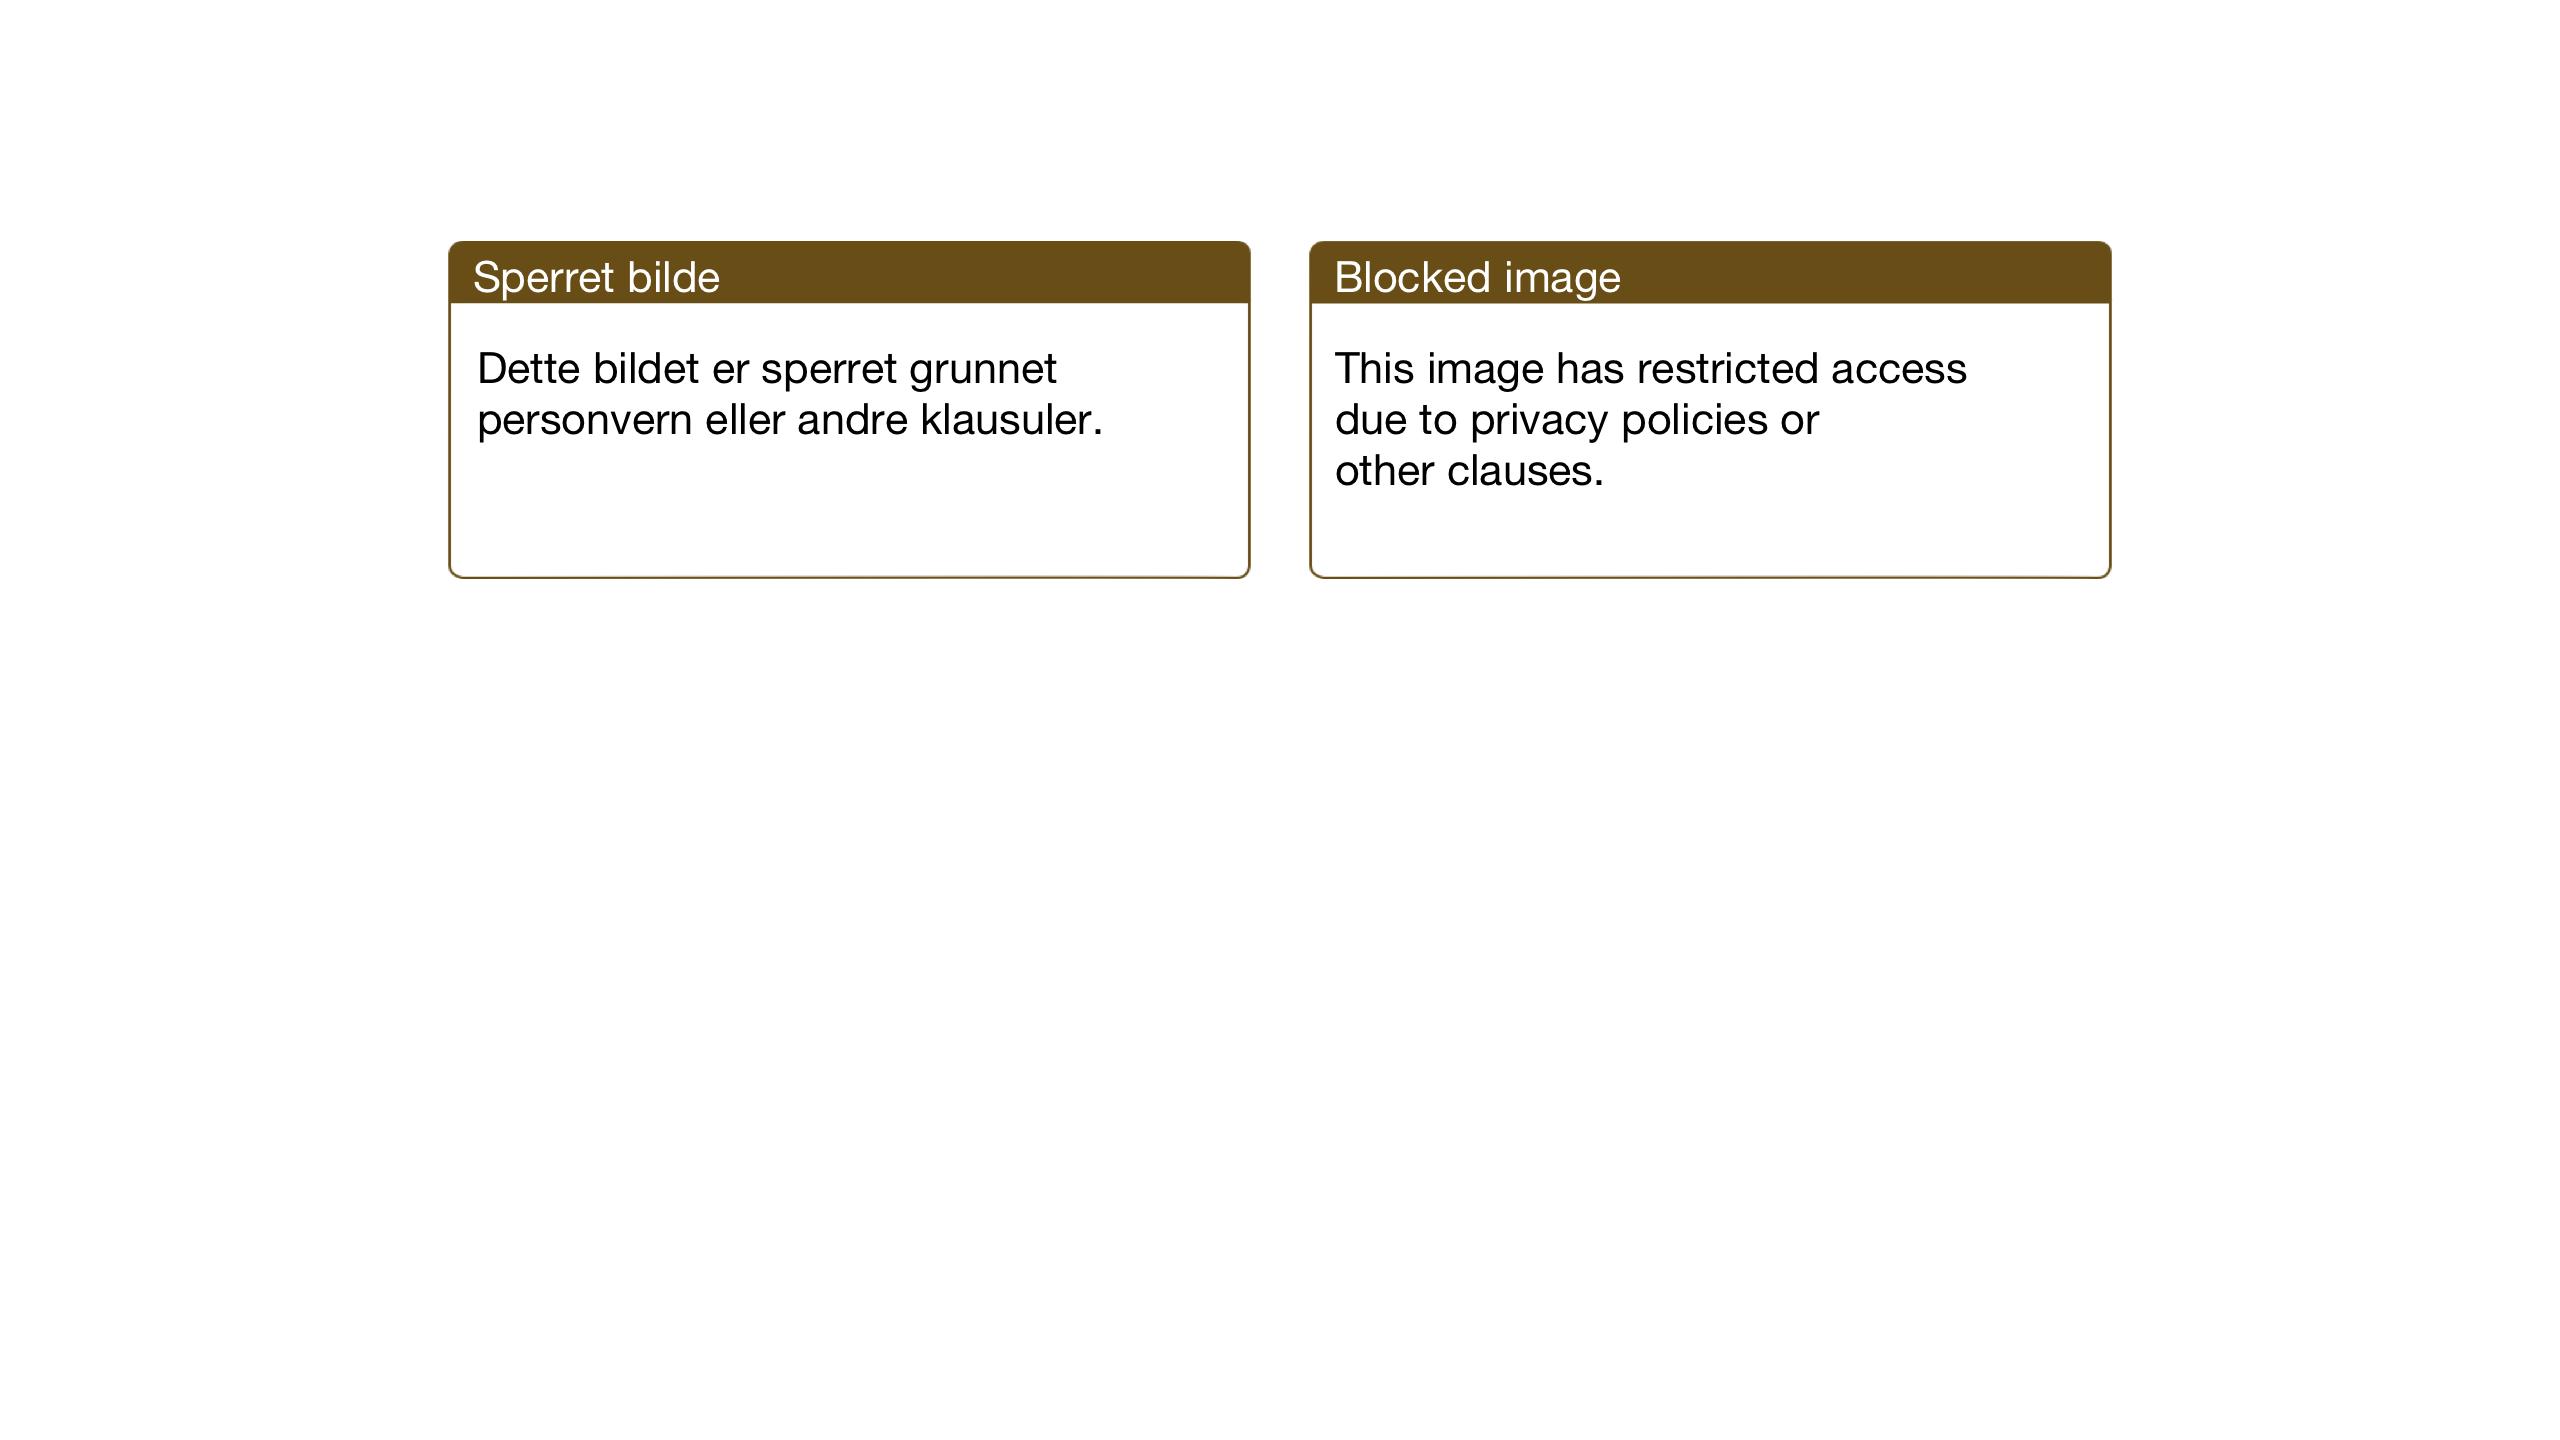 SAT, Ministerialprotokoller, klokkerbøker og fødselsregistre - Sør-Trøndelag, 640/L0590: Klokkerbok nr. 640C07, 1935-1948, s. 123